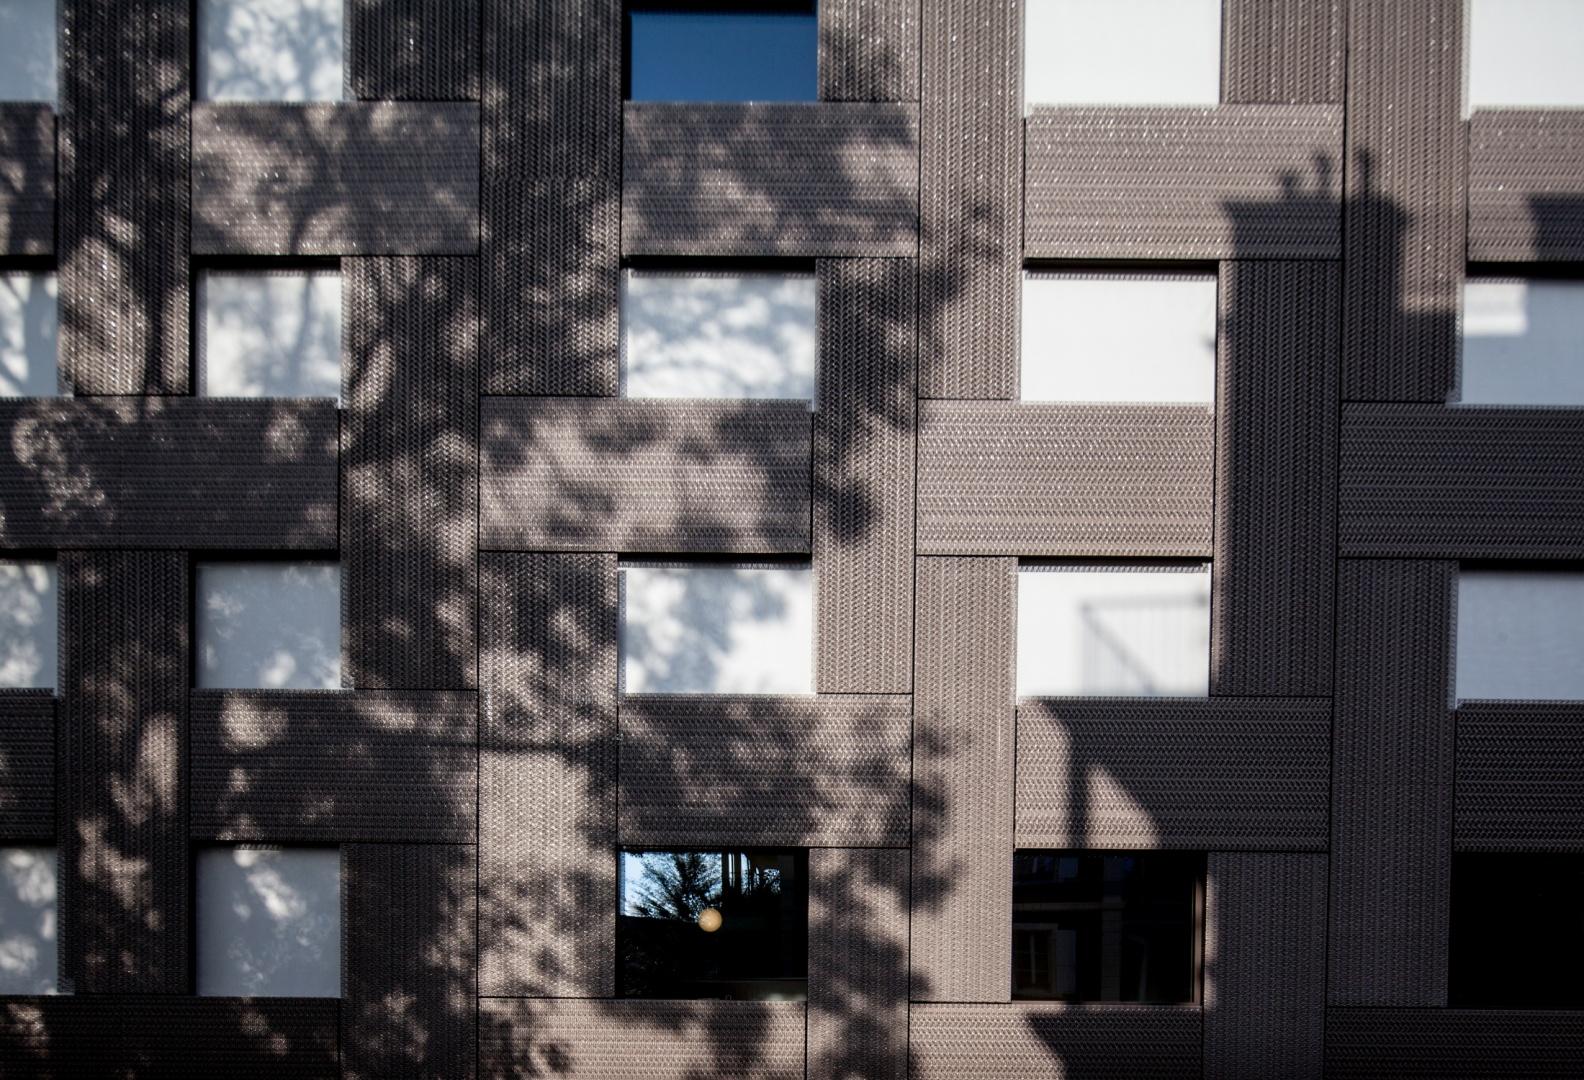 © Brauen Wälchli Architectes, Marc Schellenberg